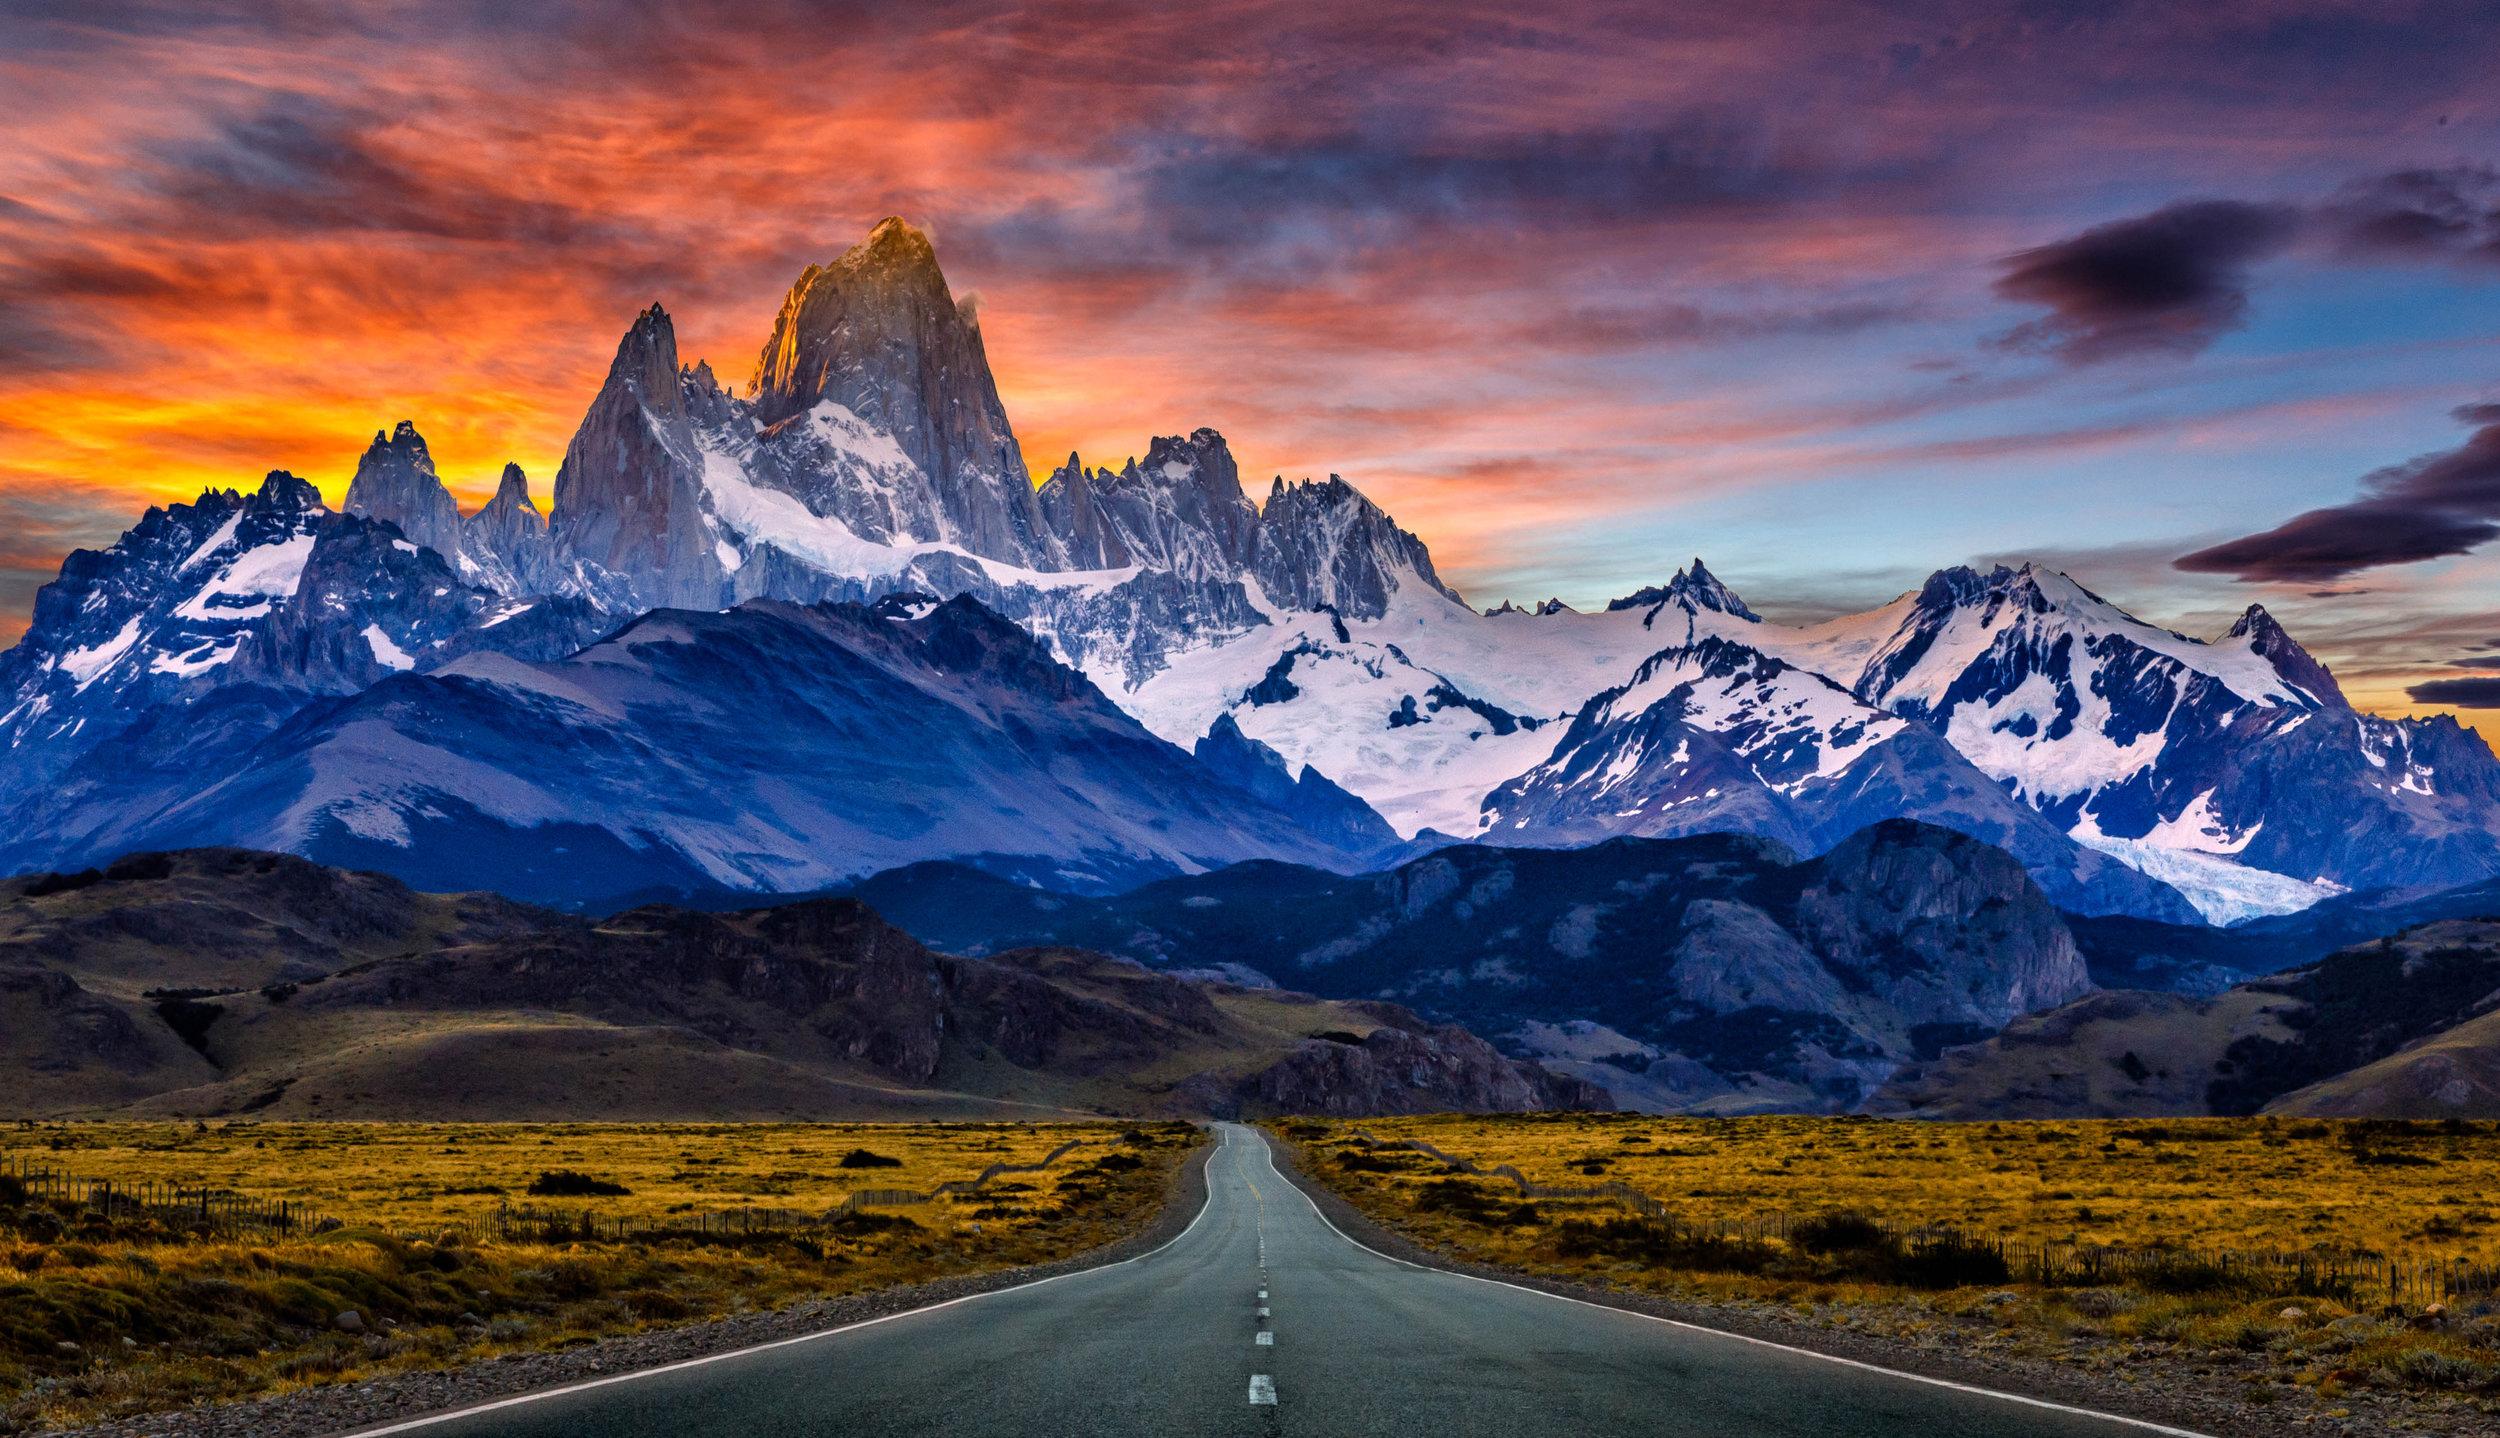 South America - Bolivia, Ecuador, Chile, Argentina, Brazil